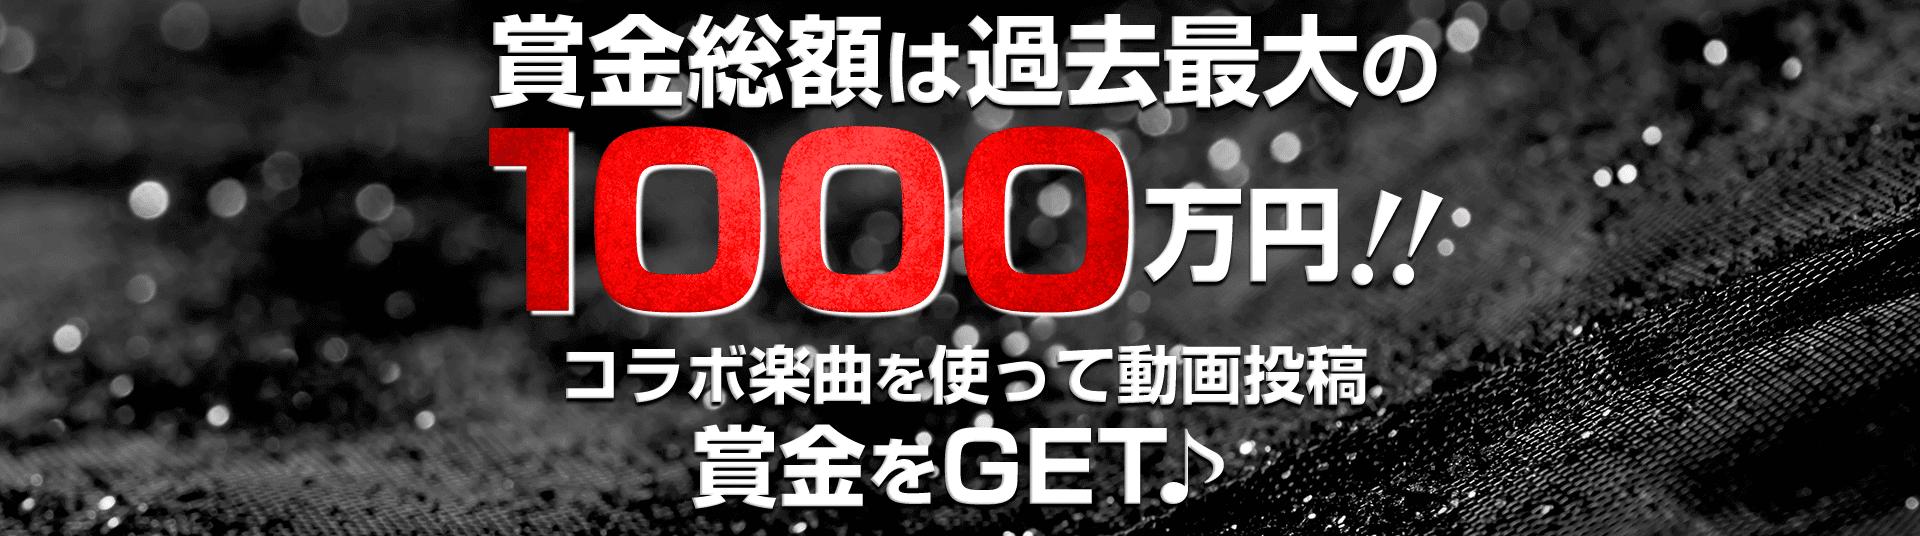 賞金総額は過去最大の1000万円!